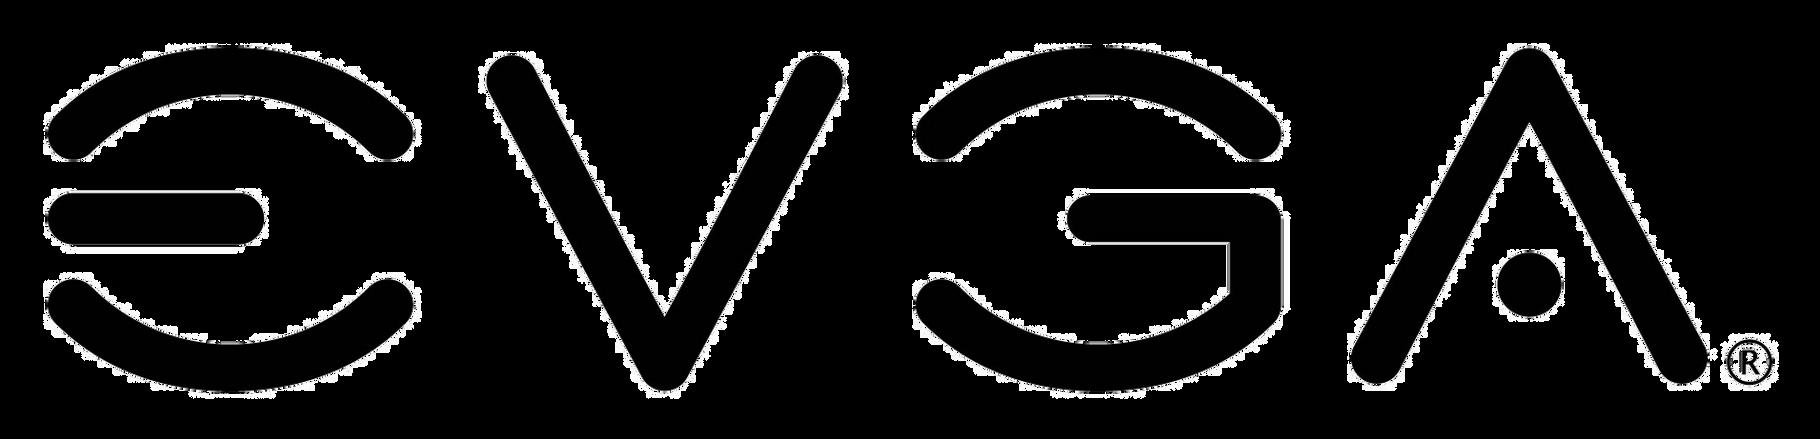 original logo evga by 18cjoj on deviantart